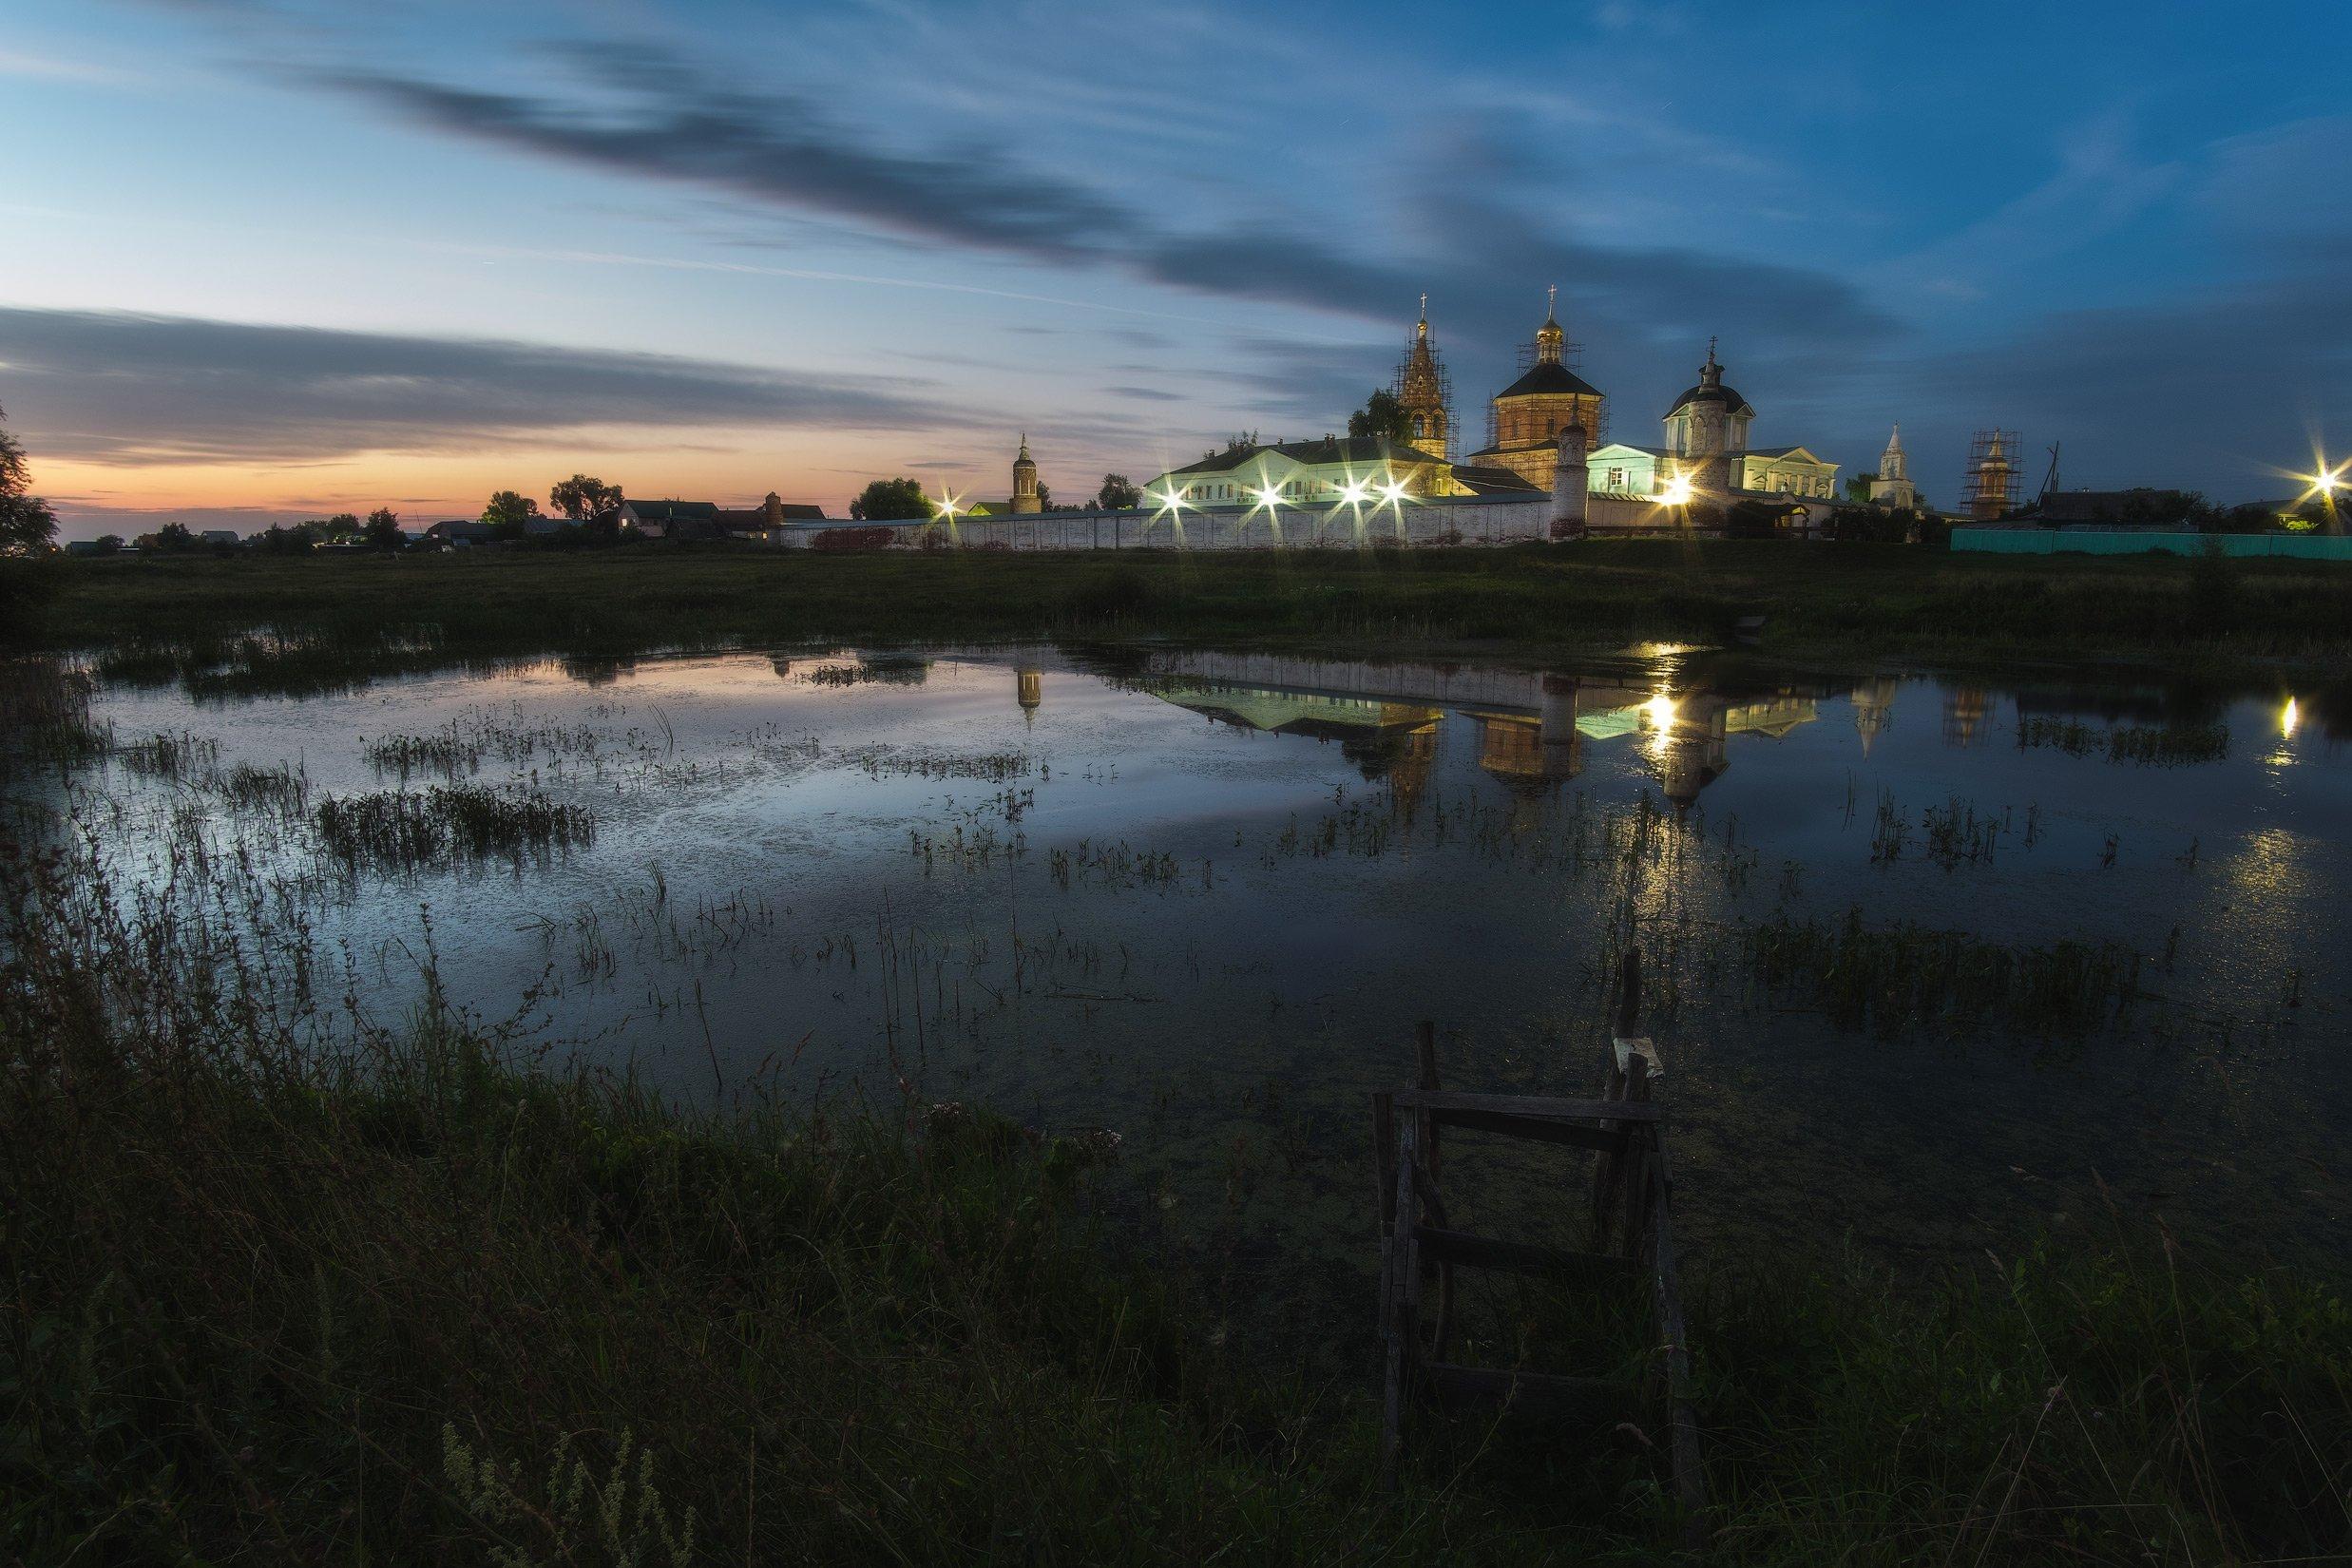 россия, московская область, коломна, старое бобренево, монастырь, церковь, вечер, закат, сумерки, природа, пейзаж, пруд, отражение, Оборотов Алексей